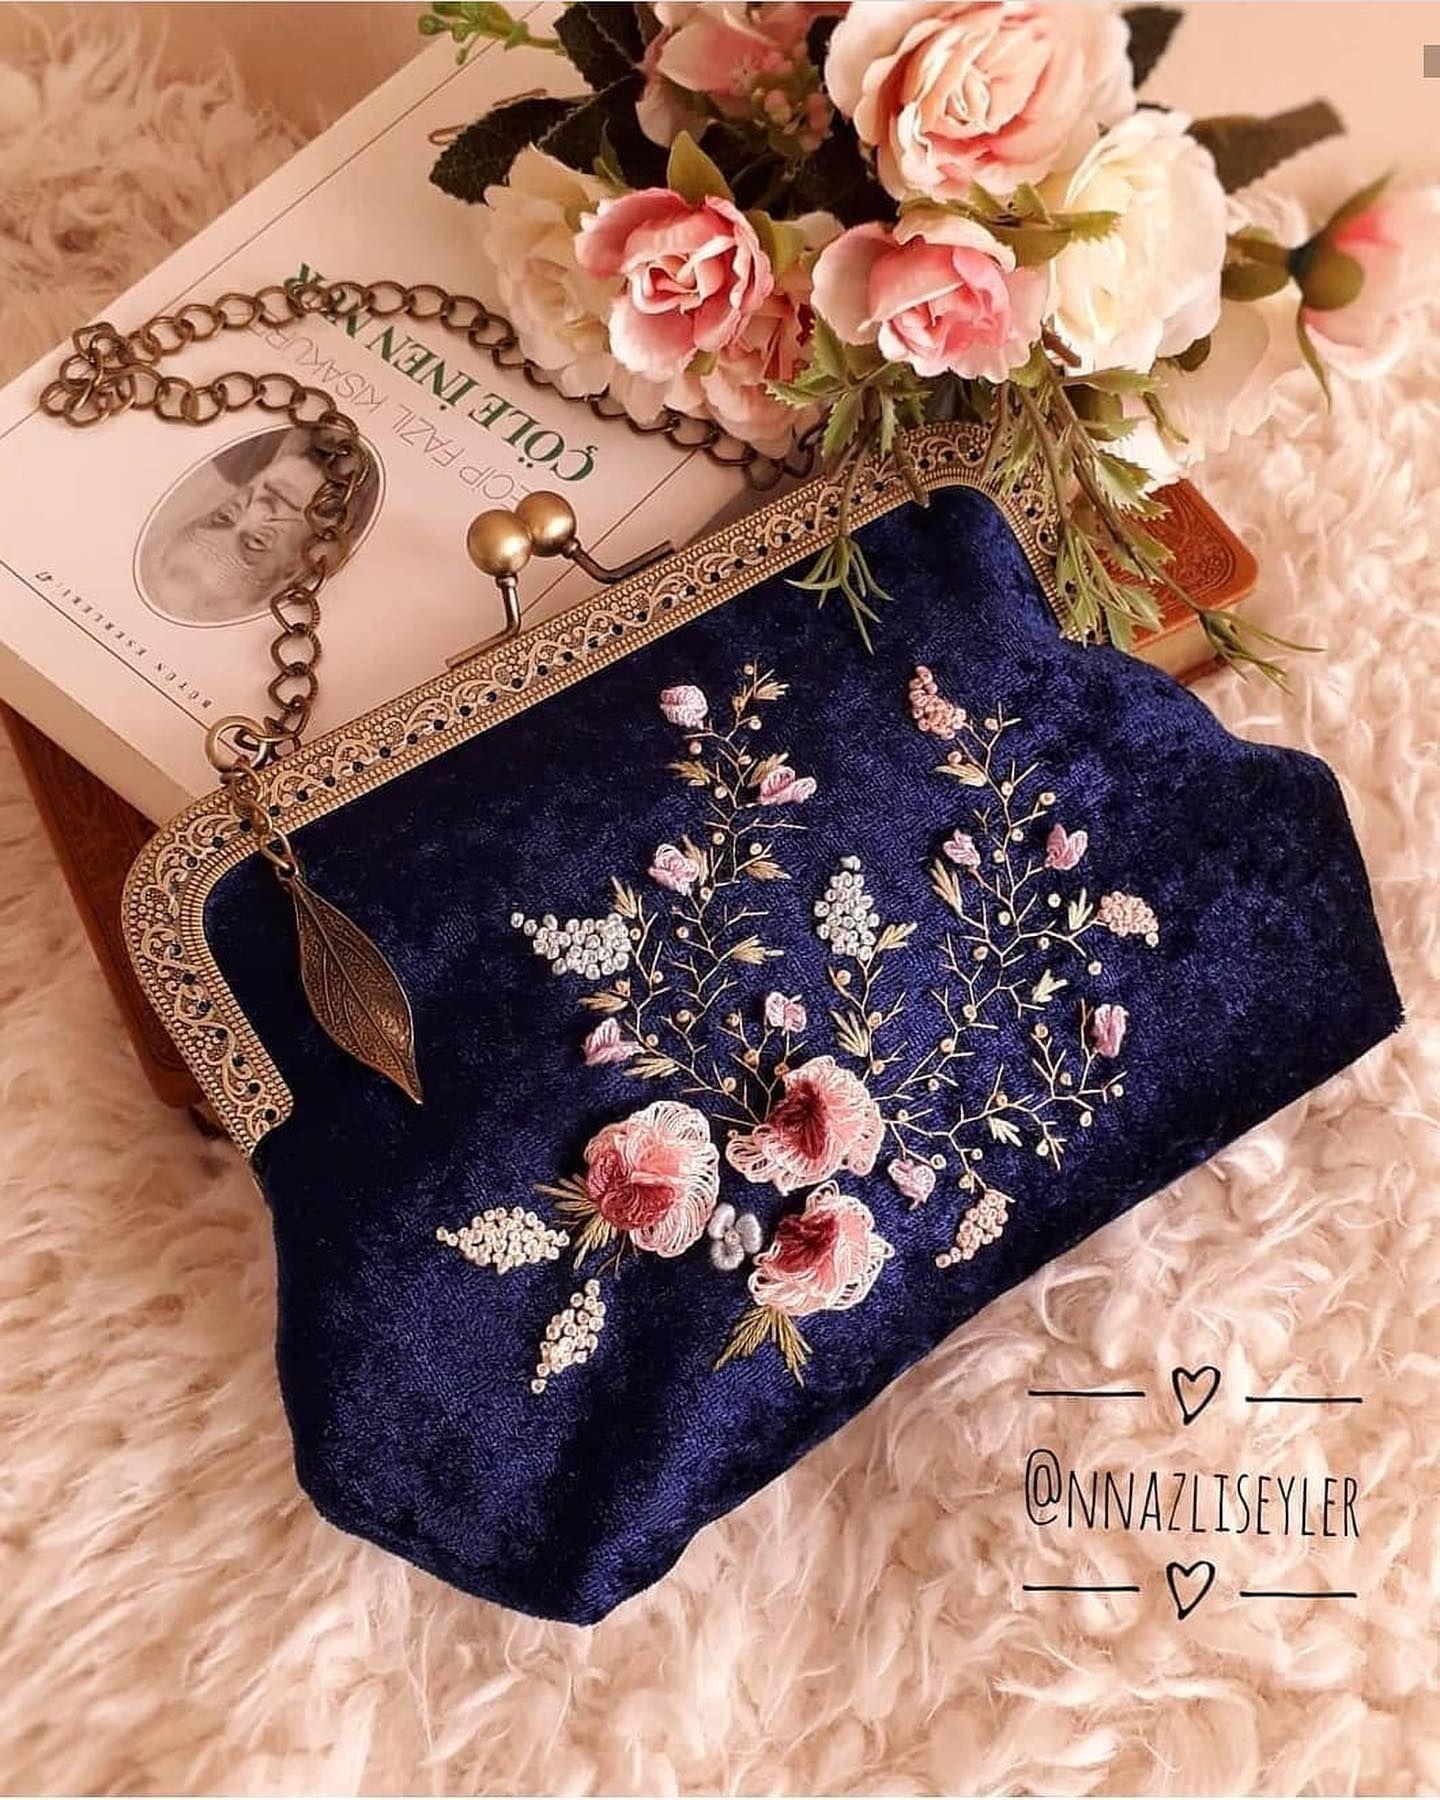 الشنط مميزة تنسيق زواج تصوير شنطة Luxurybags اعراس المدينة شنط ماركه Beautiful جامعه فا Fashion Clutch Bags